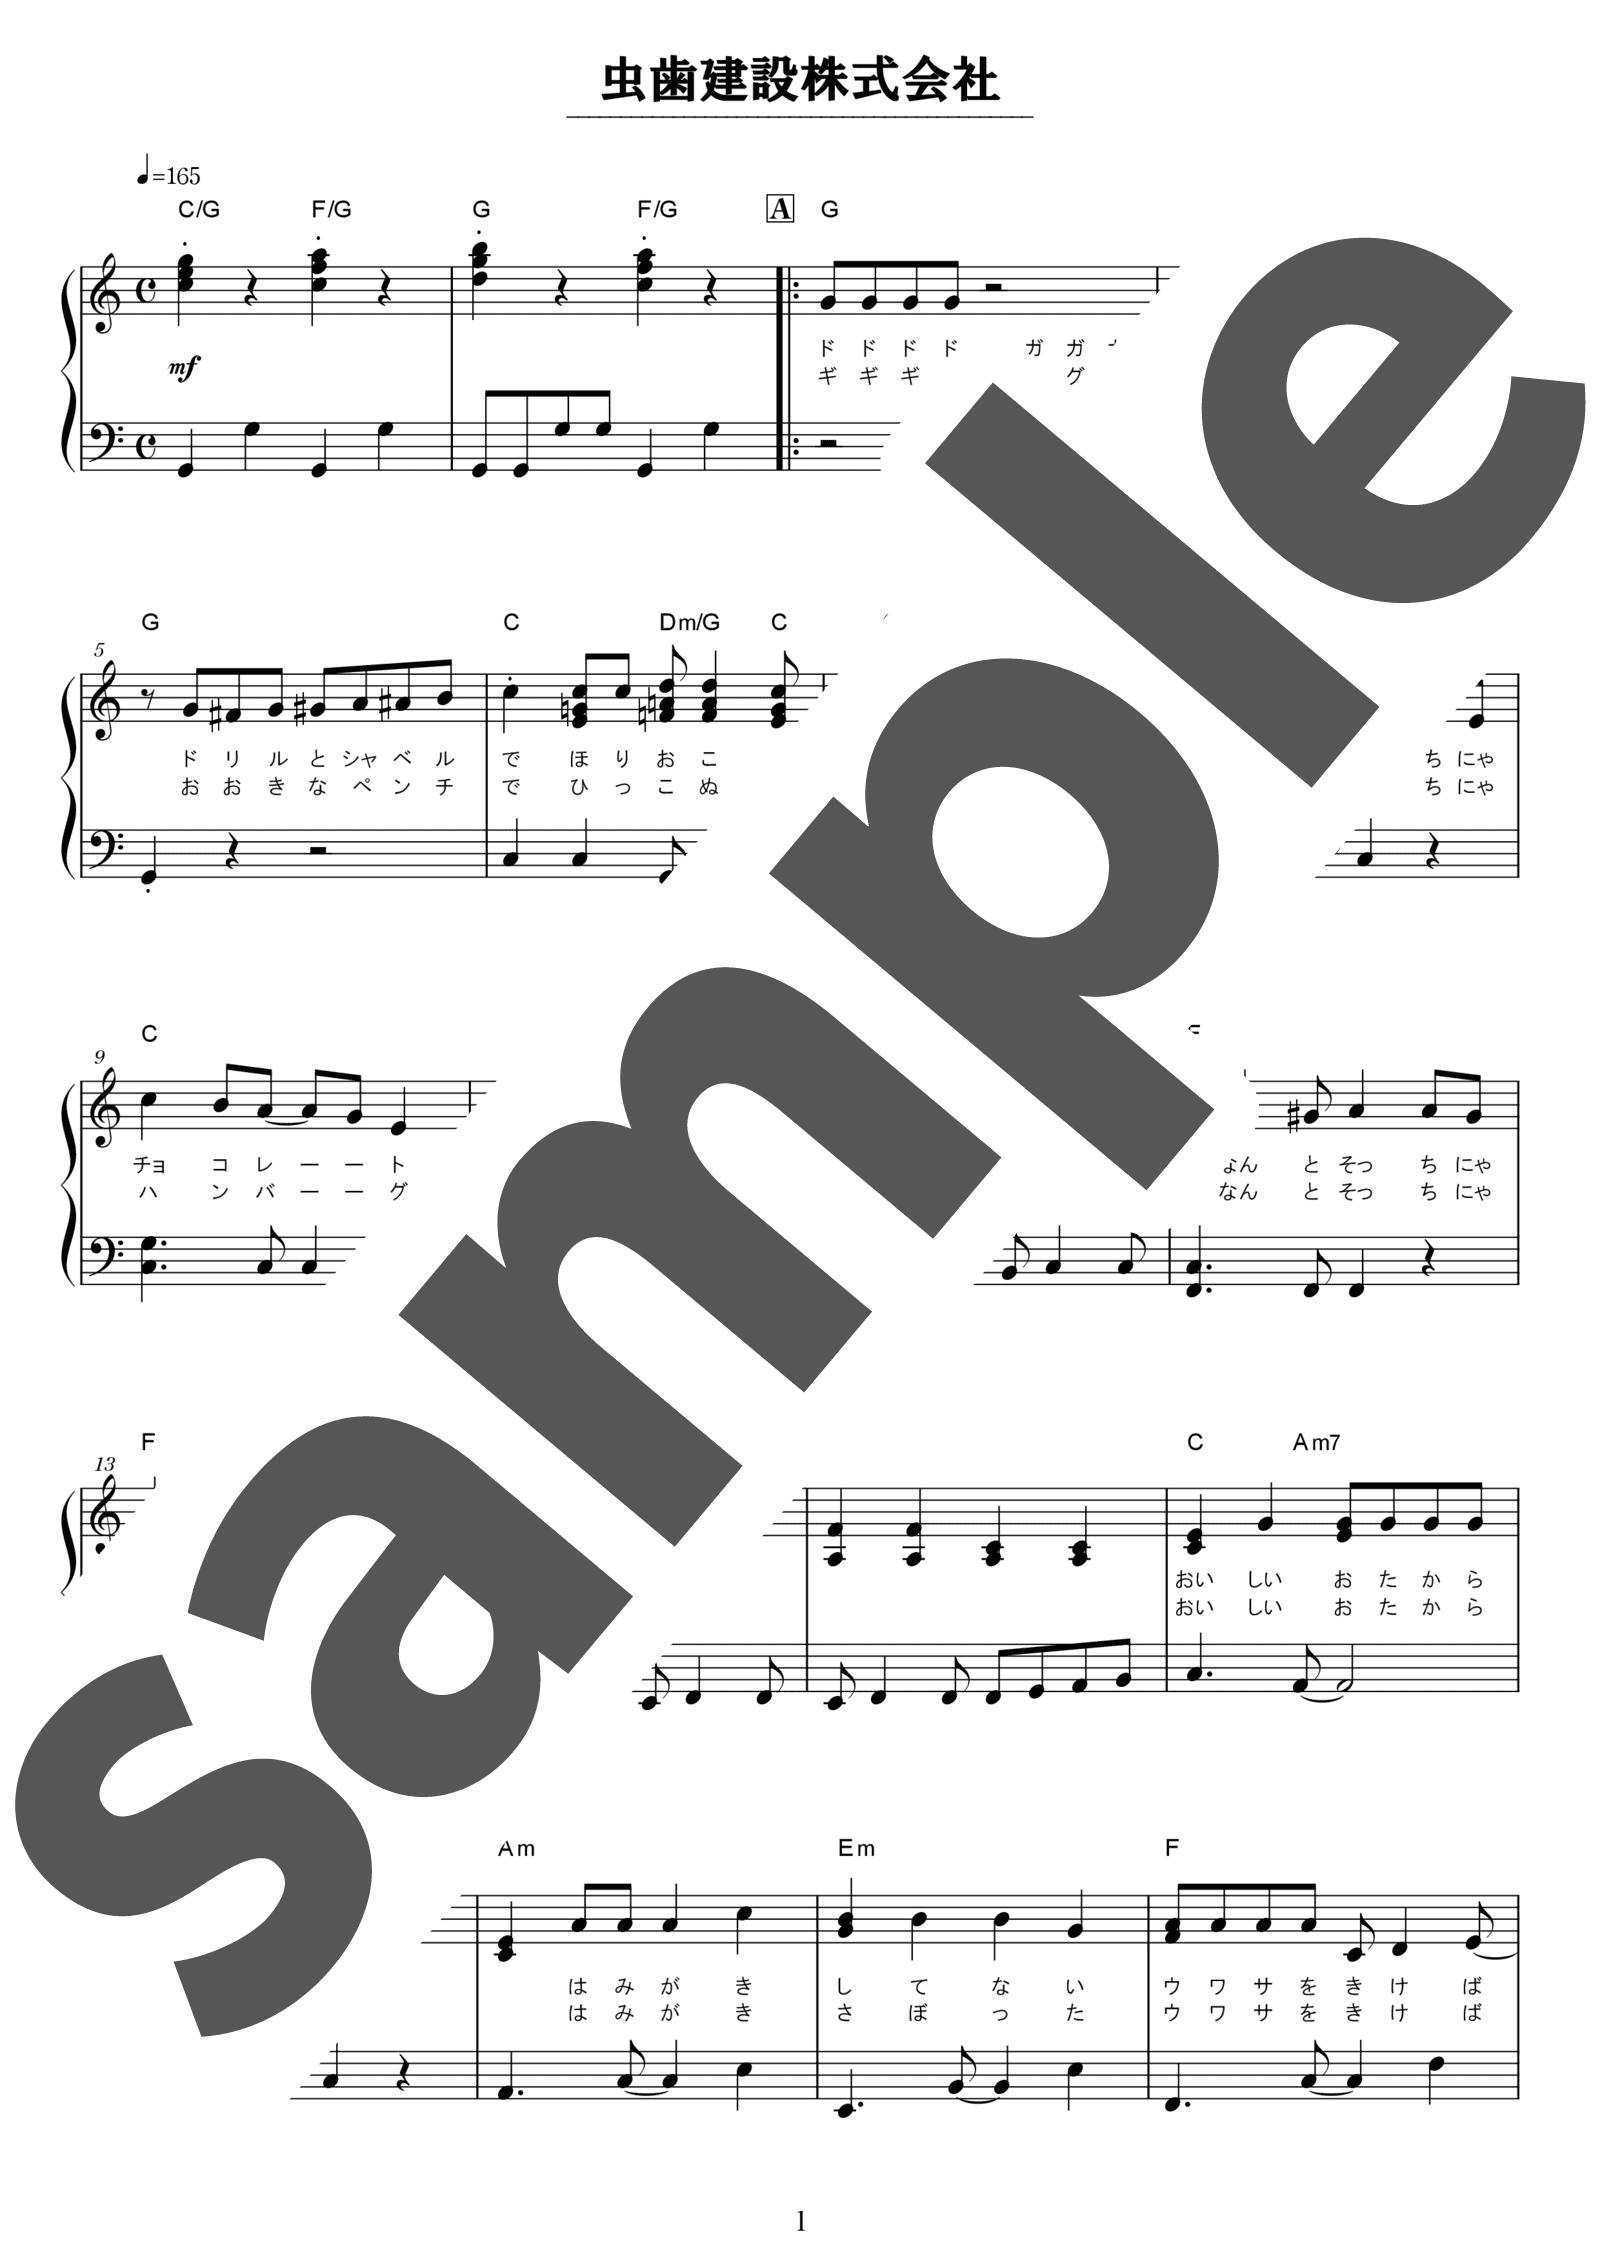 「虫歯建設株式会社」のサンプル楽譜